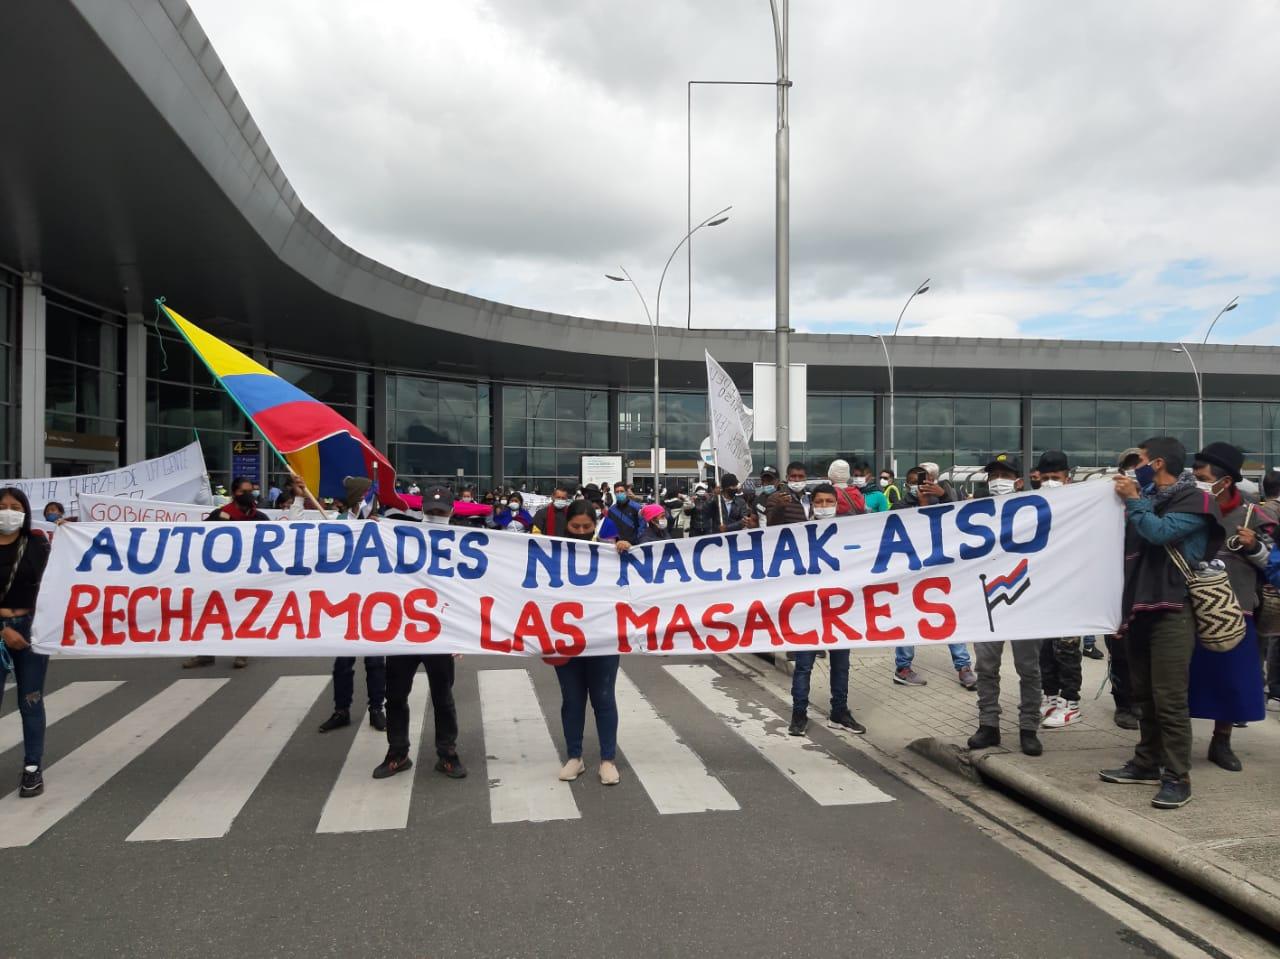 Misak Tribe Occupies Airport in Bogota to Protest Massacres